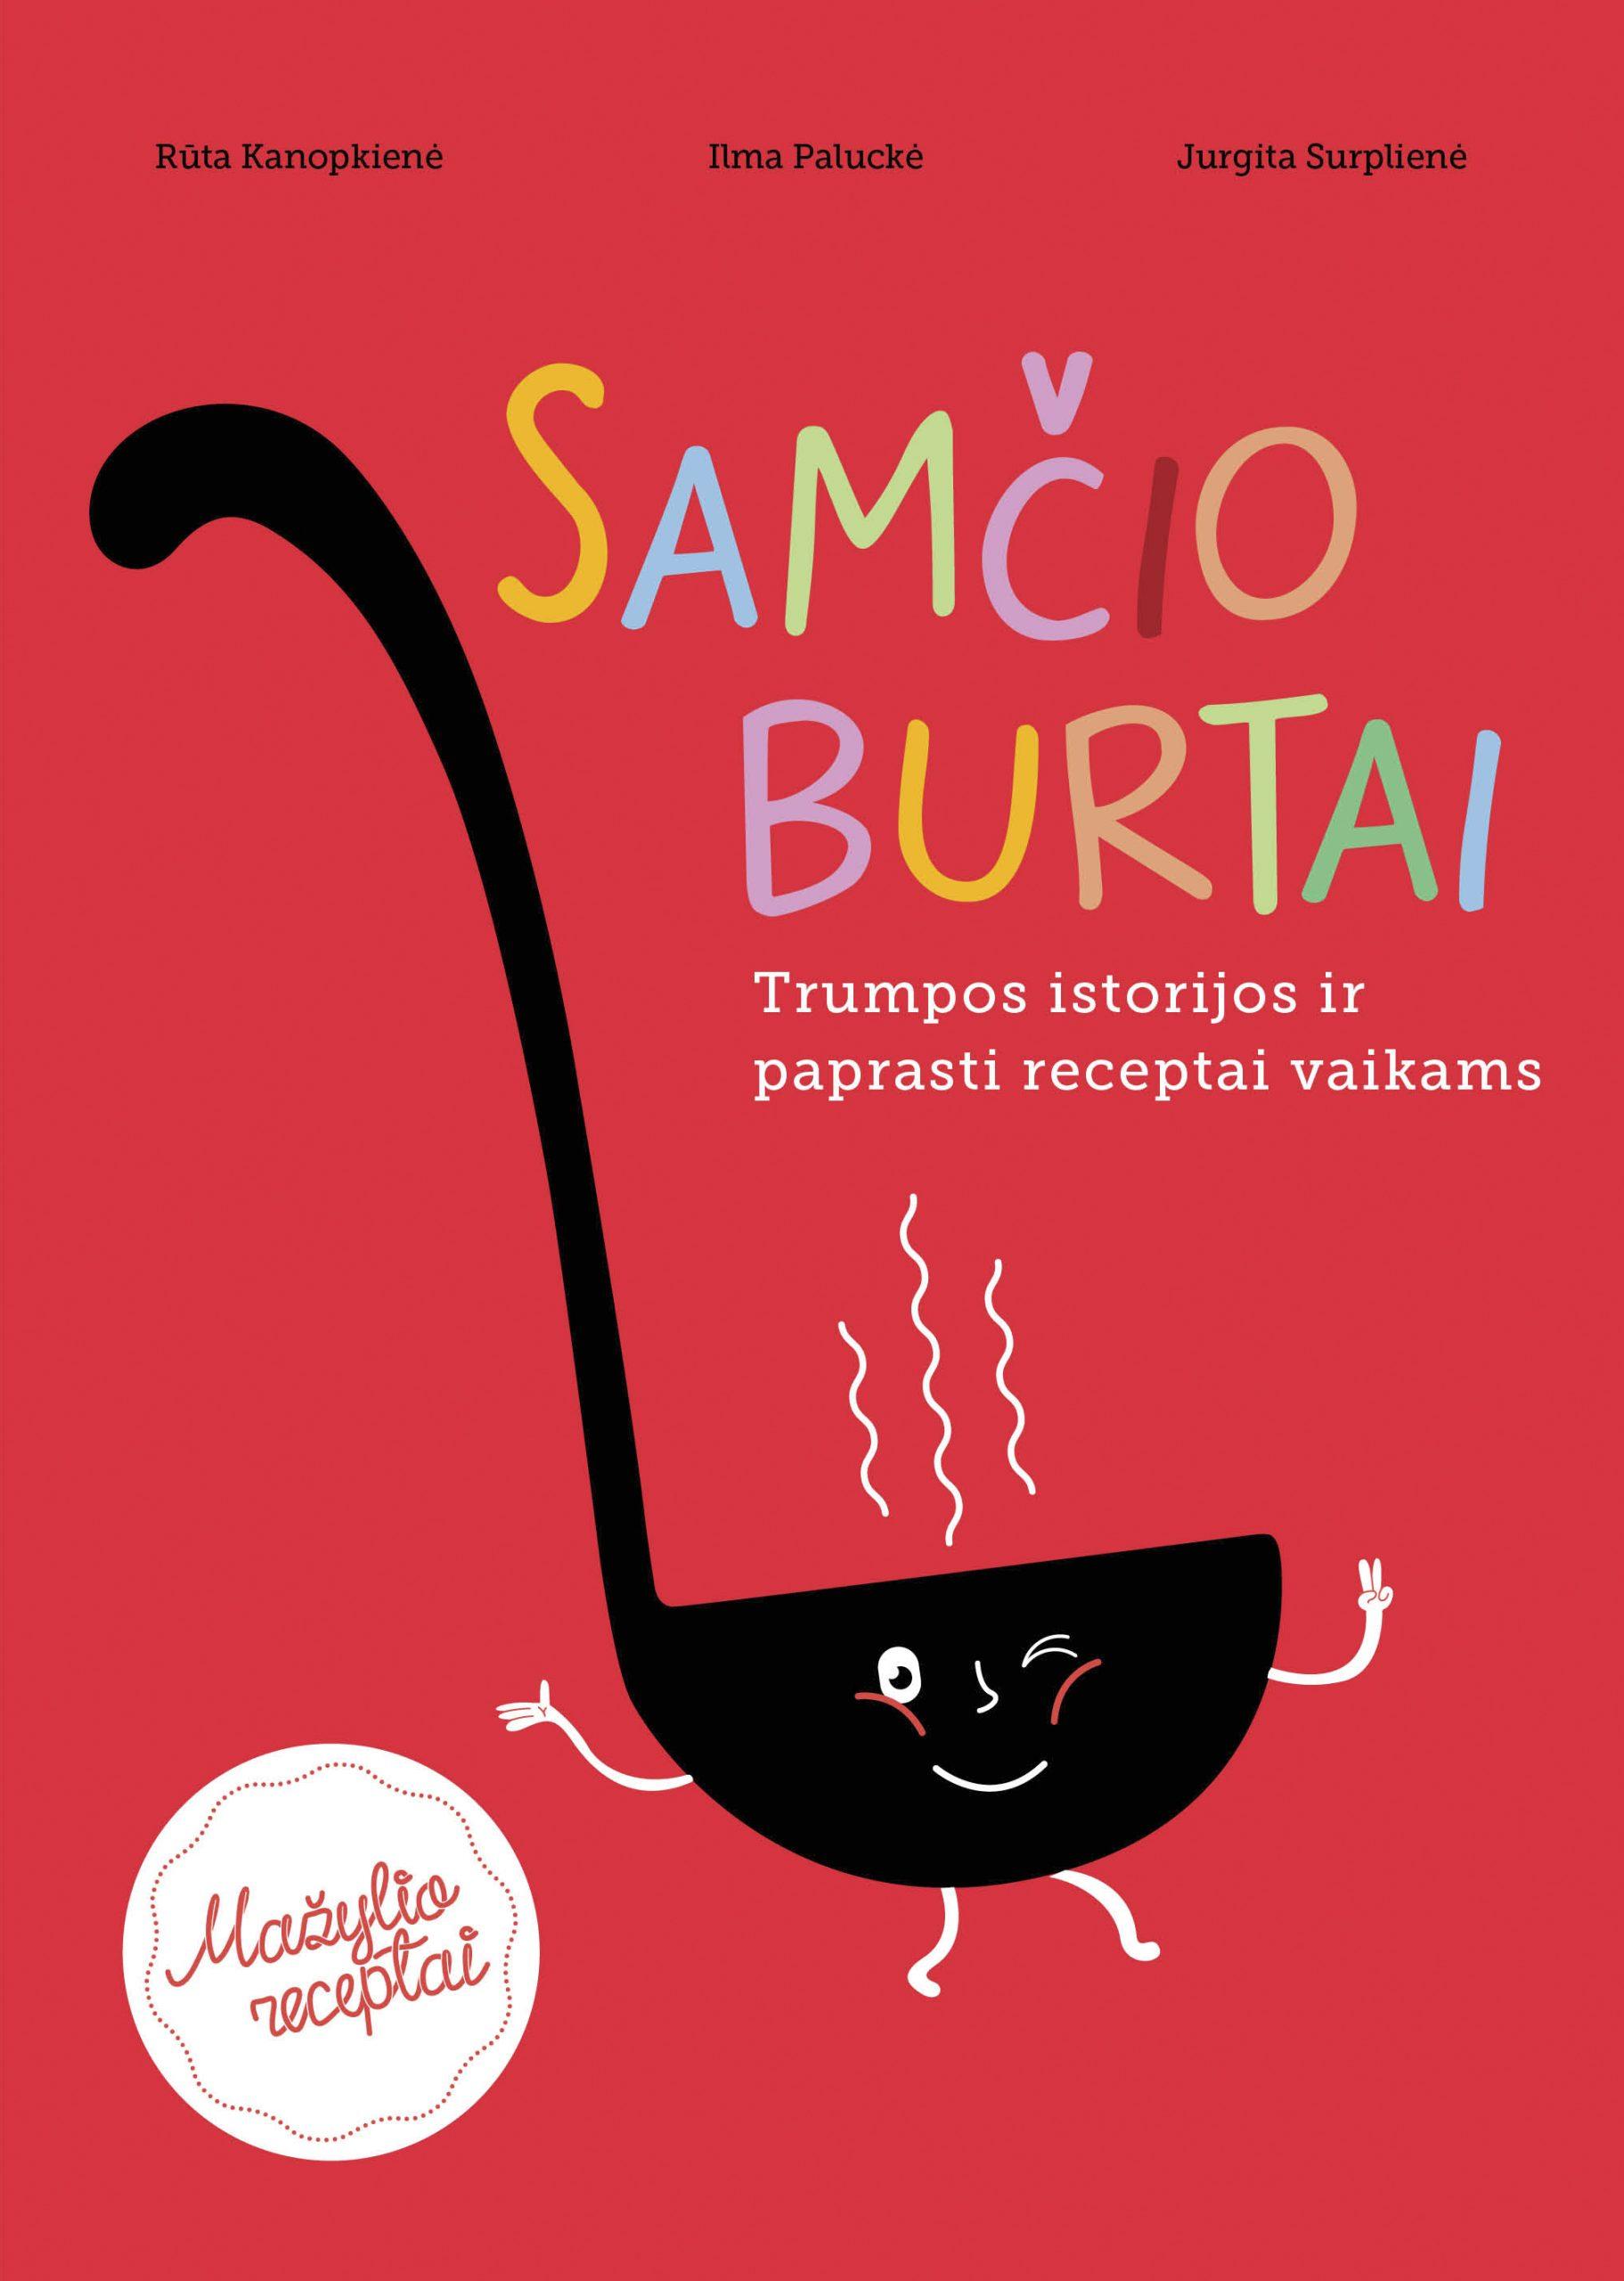 """Receptų knyga vaikams """"Samčio burtai"""" - tai trumpos istorijos ir paprasti receptai mažiesiems virtuvės burtininkams"""